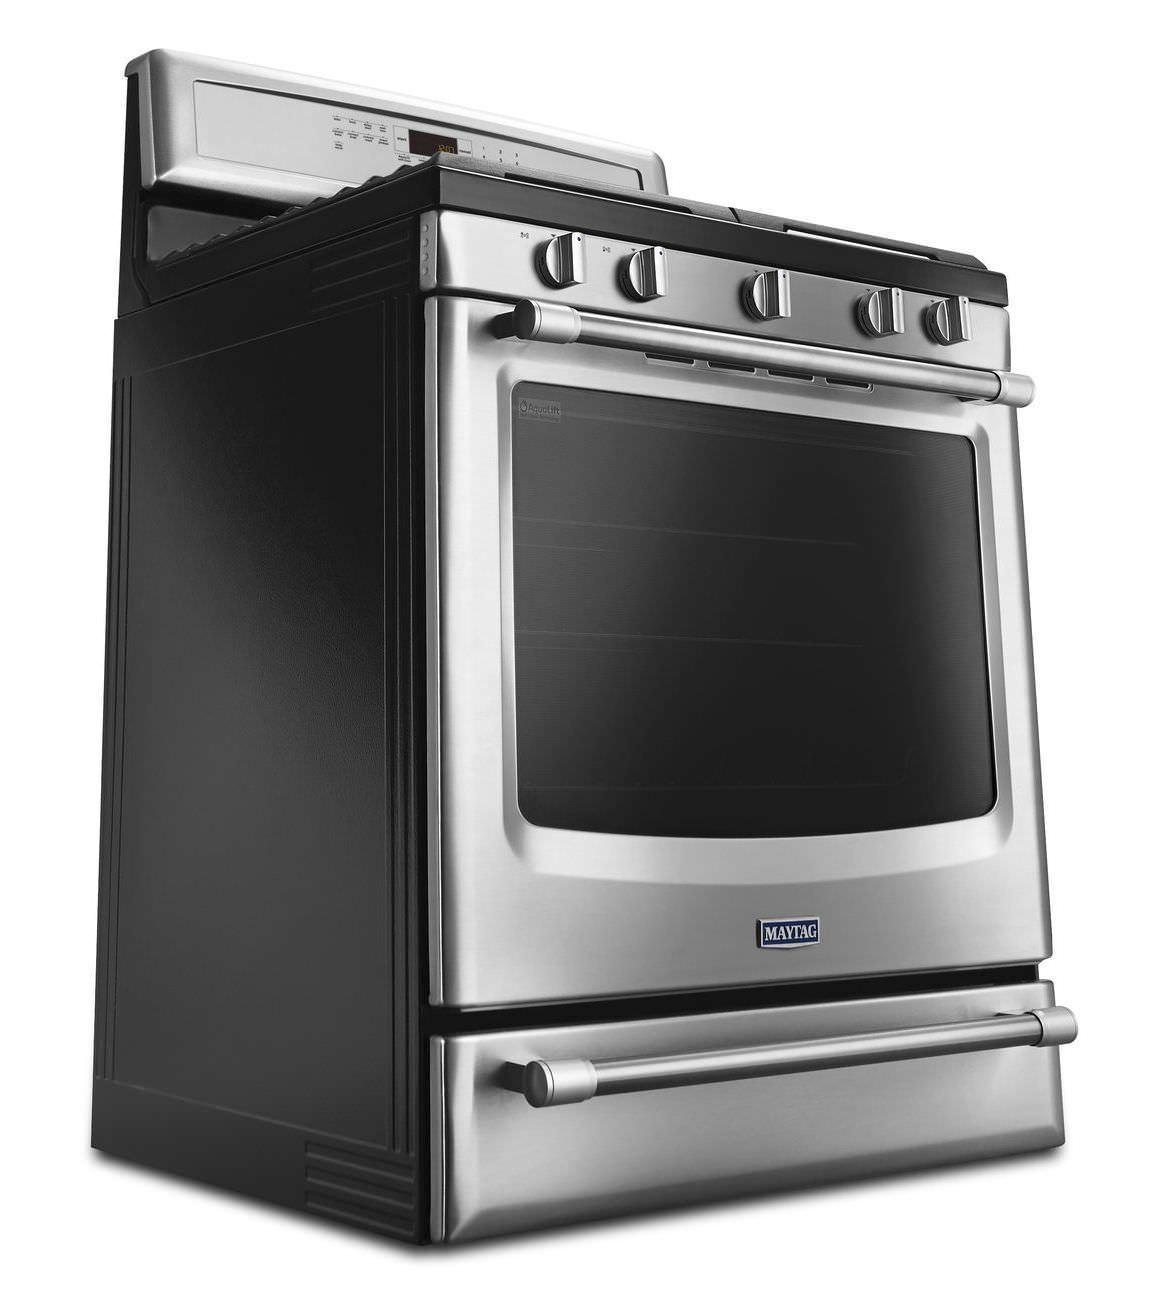 Cocina con horno de gas / con parrilla - MGR8800DS - Maytag